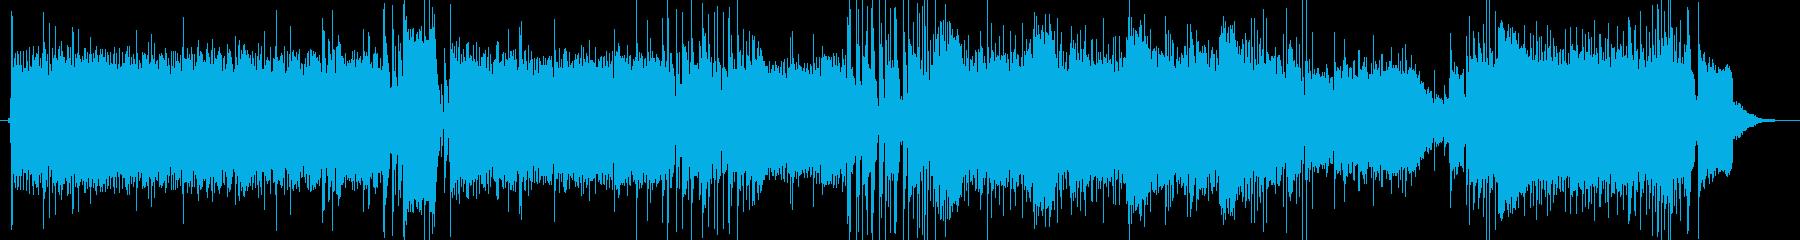 スピード感のあるジャズですの再生済みの波形